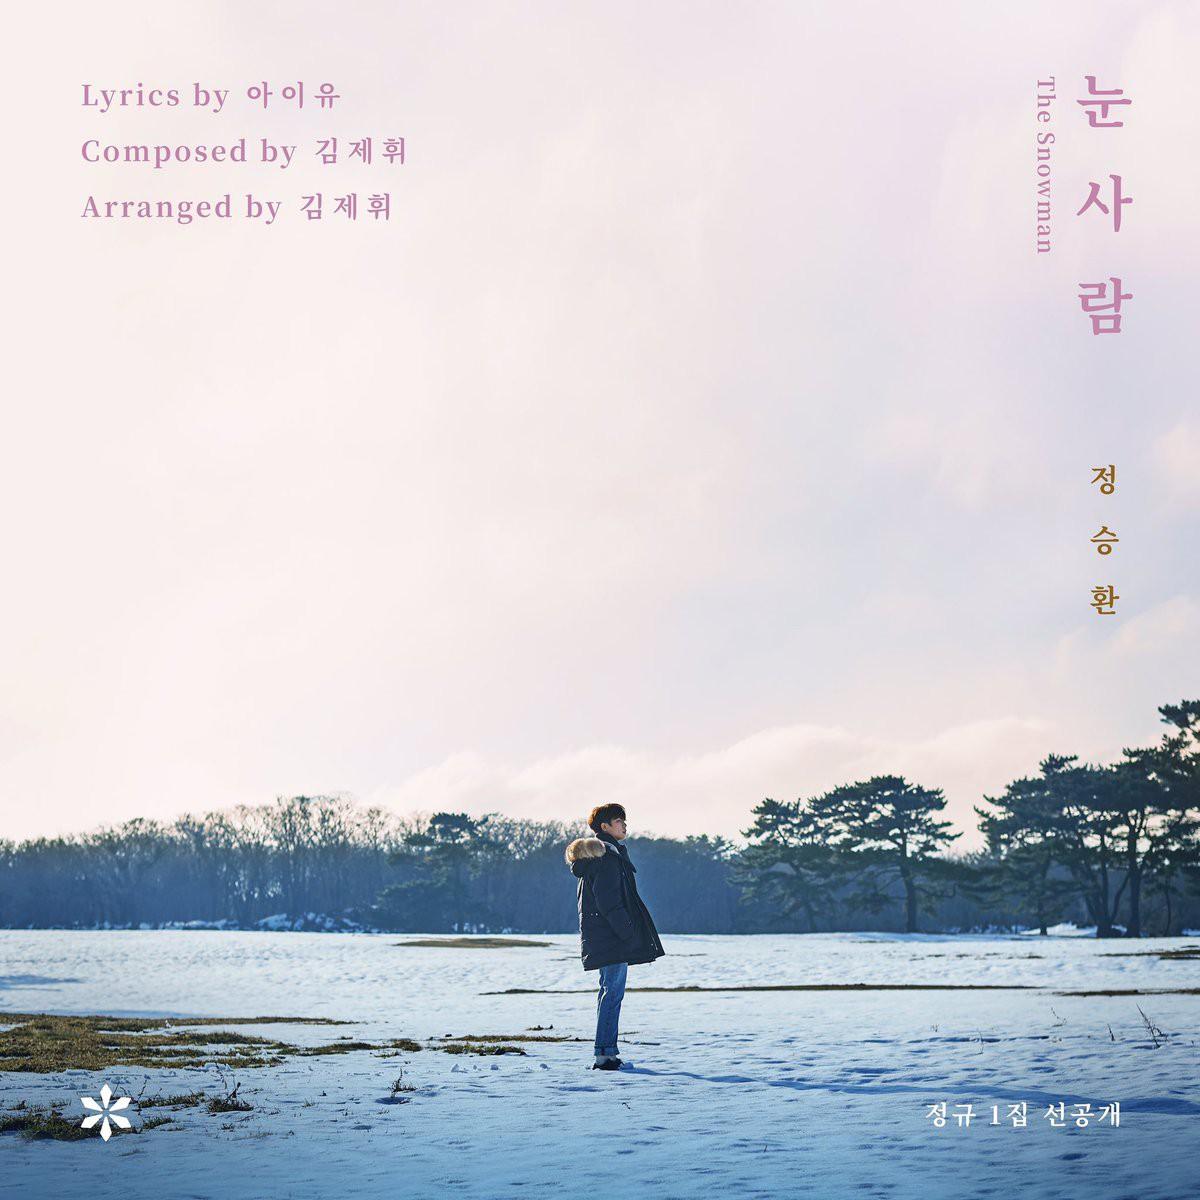 Lịch comeback tháng 2: 17 nghệ sĩ solo lẫn idolgroup tề tựu, Kpop đông vui như trẩy hội - Ảnh 8.